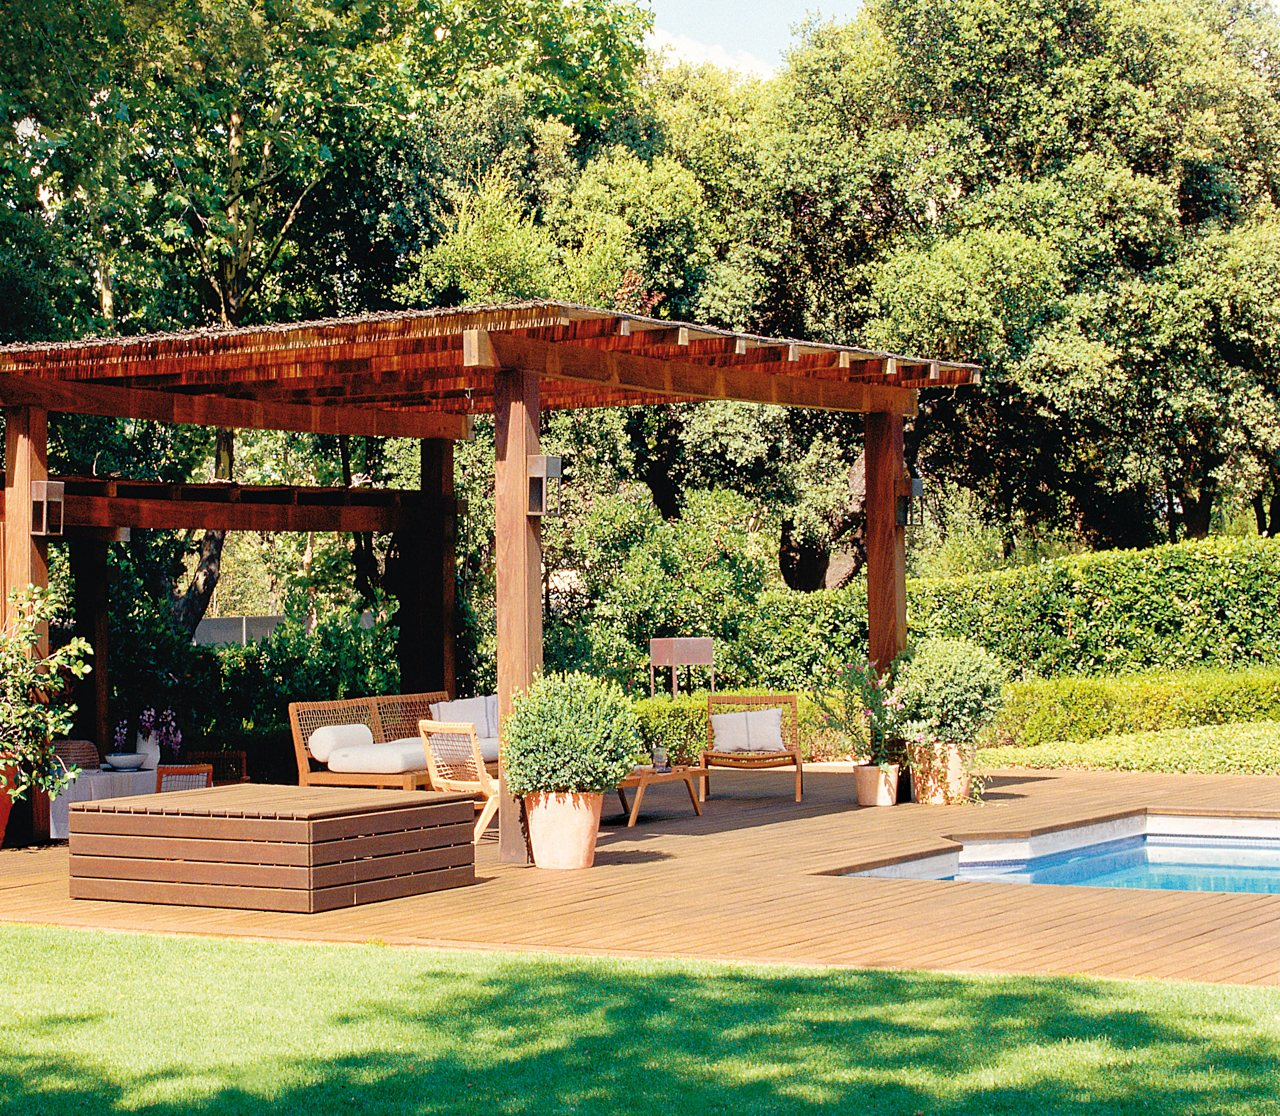 Las claves de 4 expertos para crear un jard n ideal - Estructura de madera para piscina ...